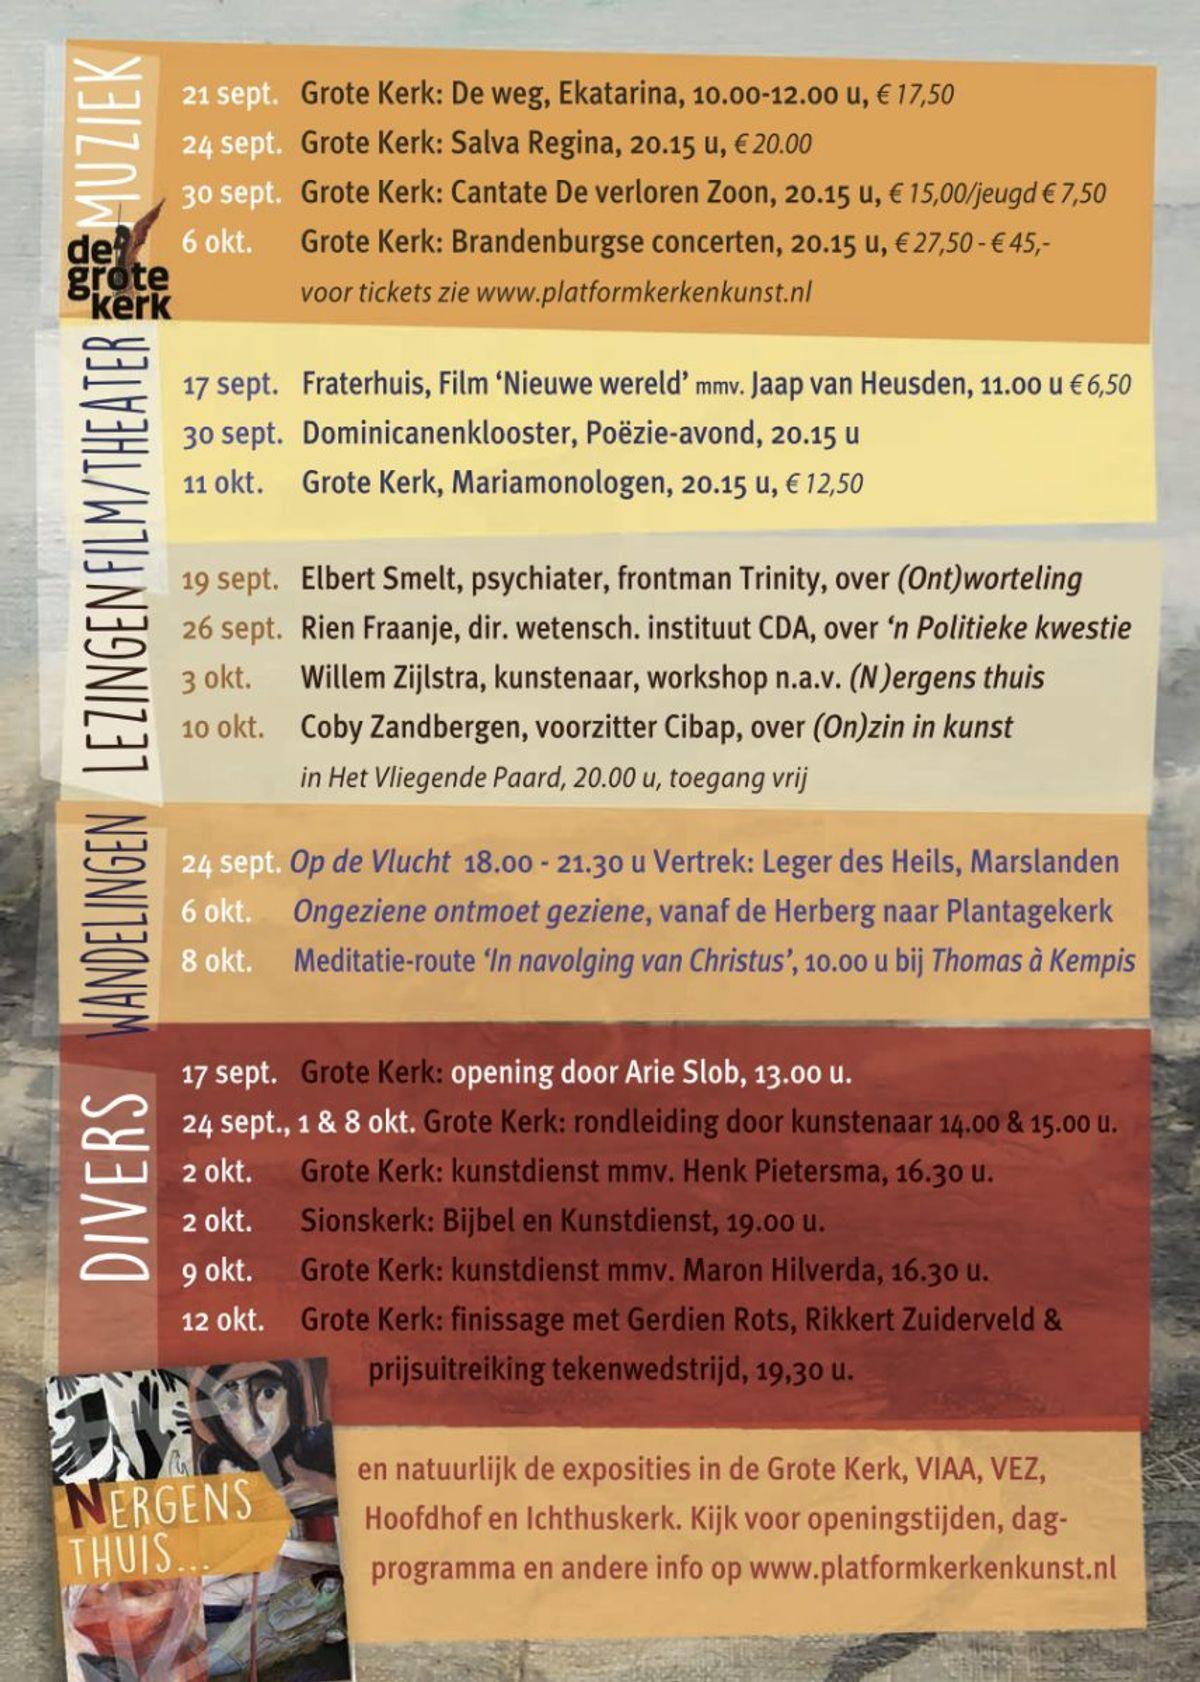 Programma Platform Kerk en Kunst